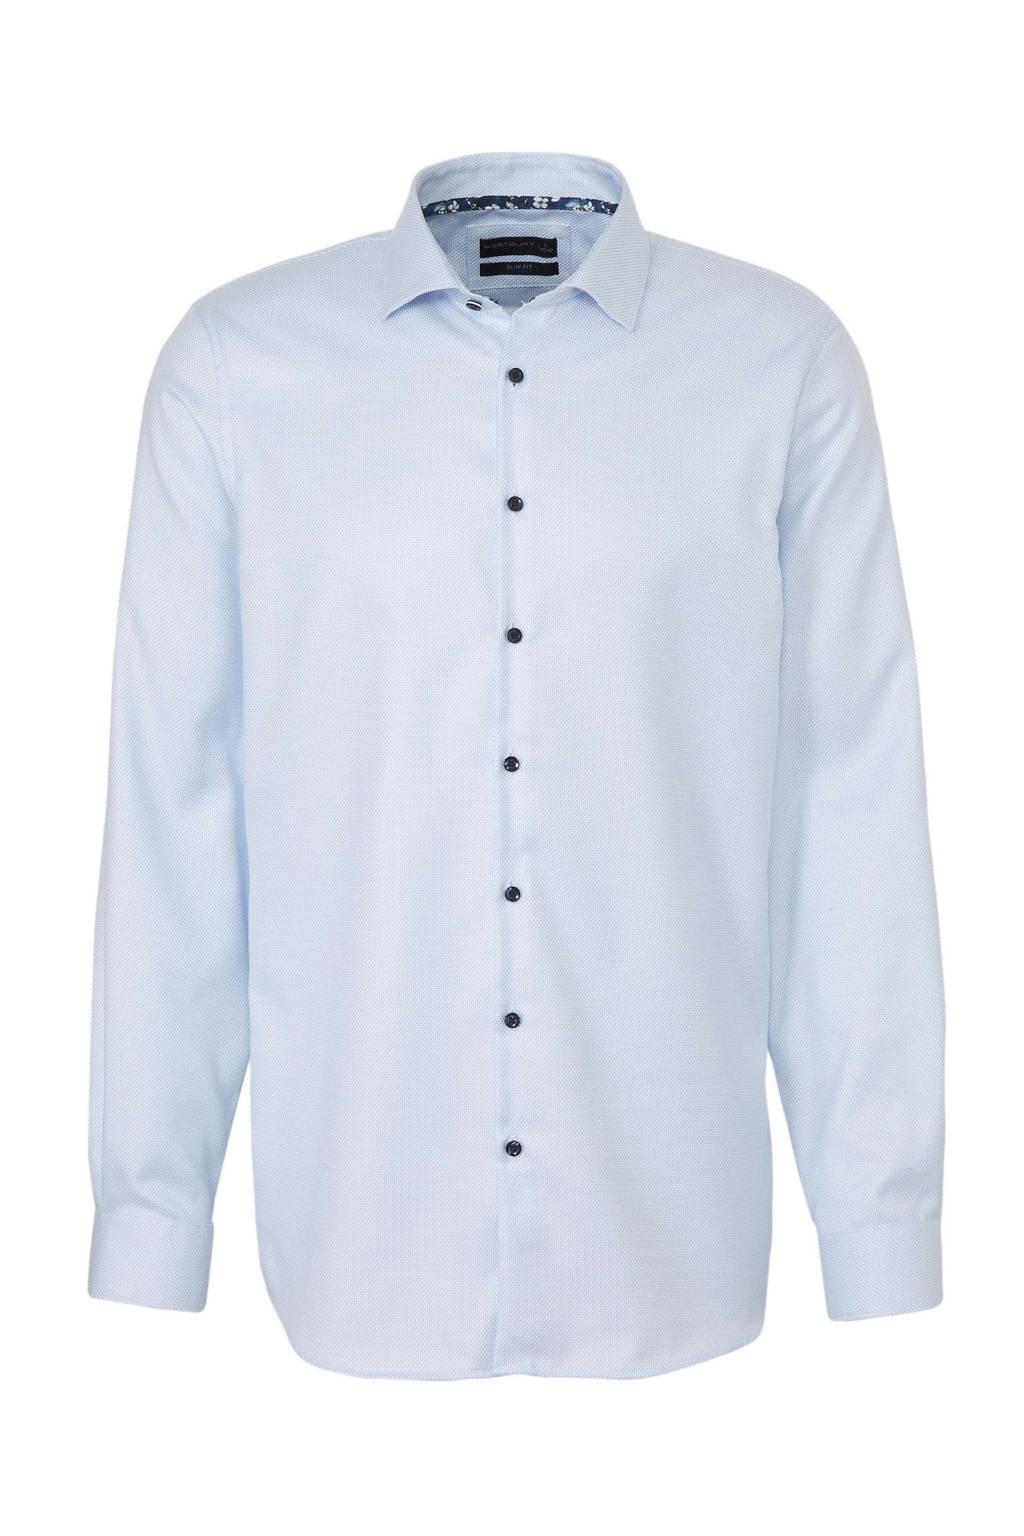 C&A Westbury slim fit overhemd met all over print lichtblauw, Lichtblauw